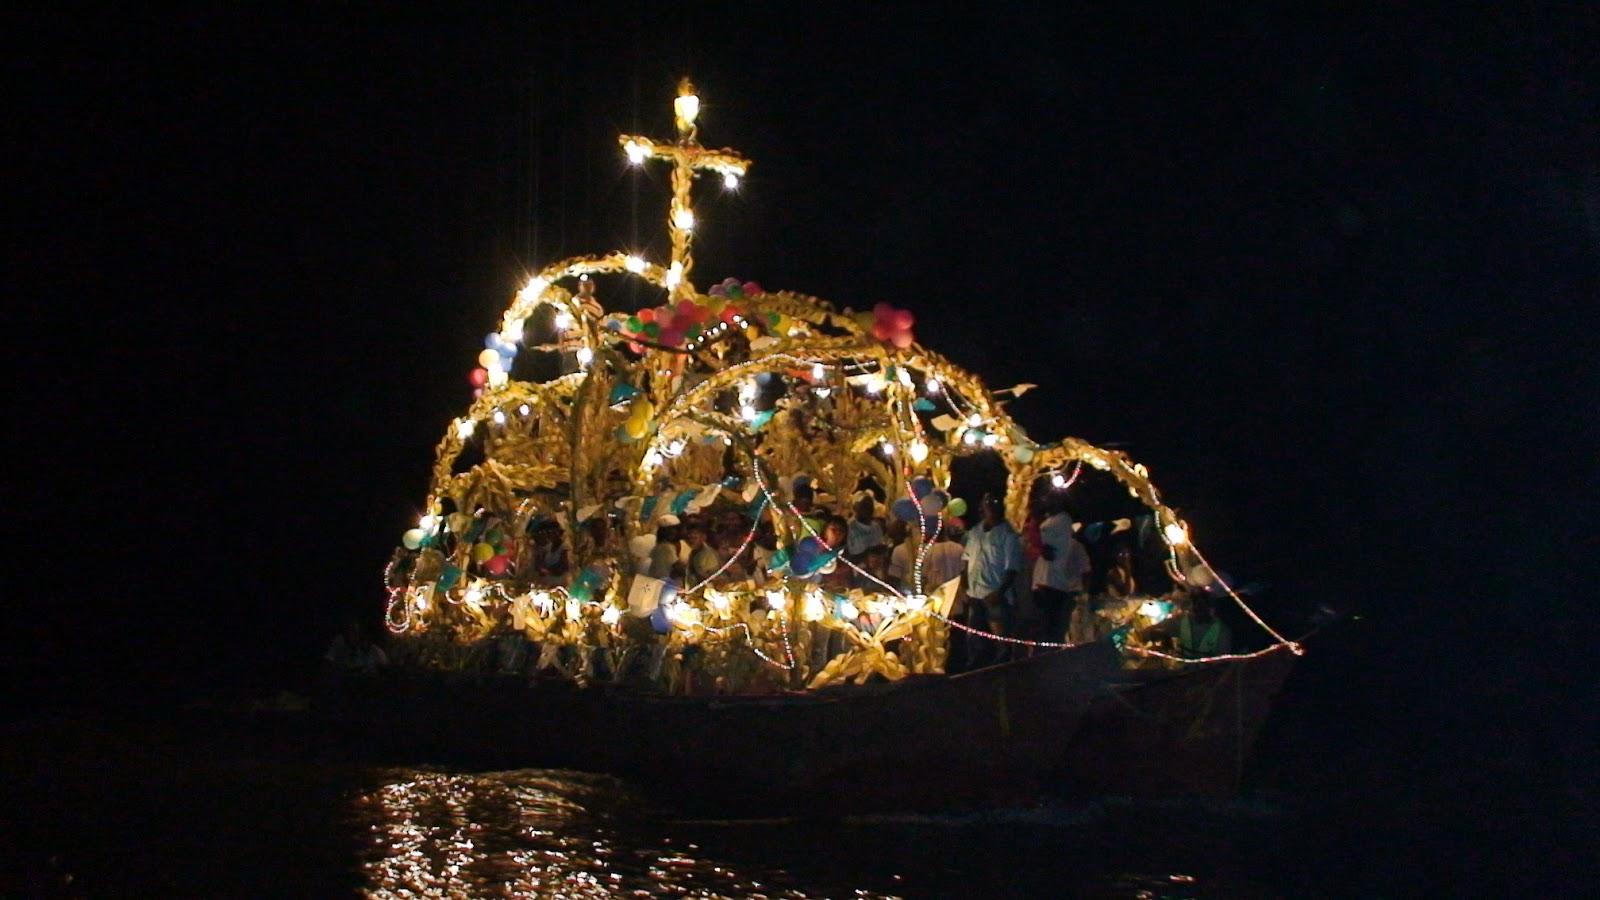 Balsadas en el río Guapi. Foto: guapiinforma.blogspot.com